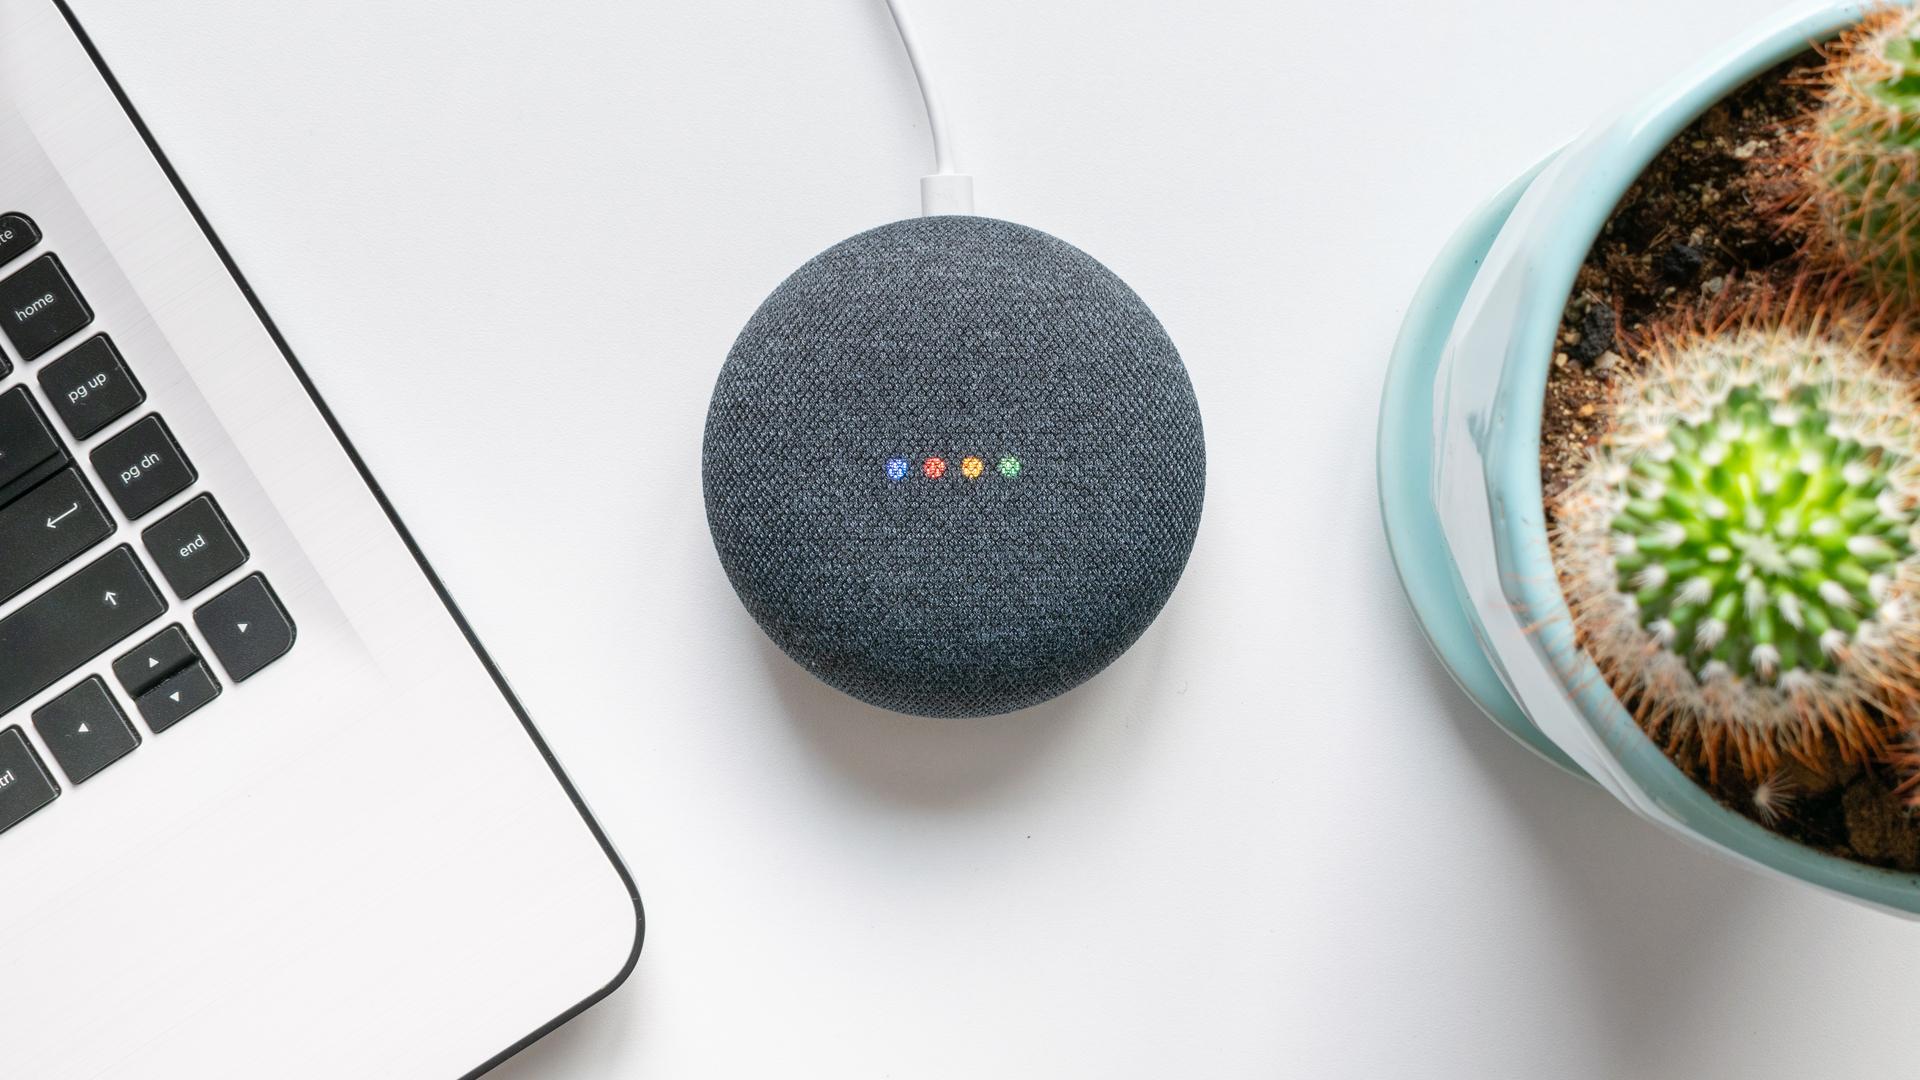 Google arbeitet angeblich an einem Nest Mini-Lautsprecher mit großem Klang 1